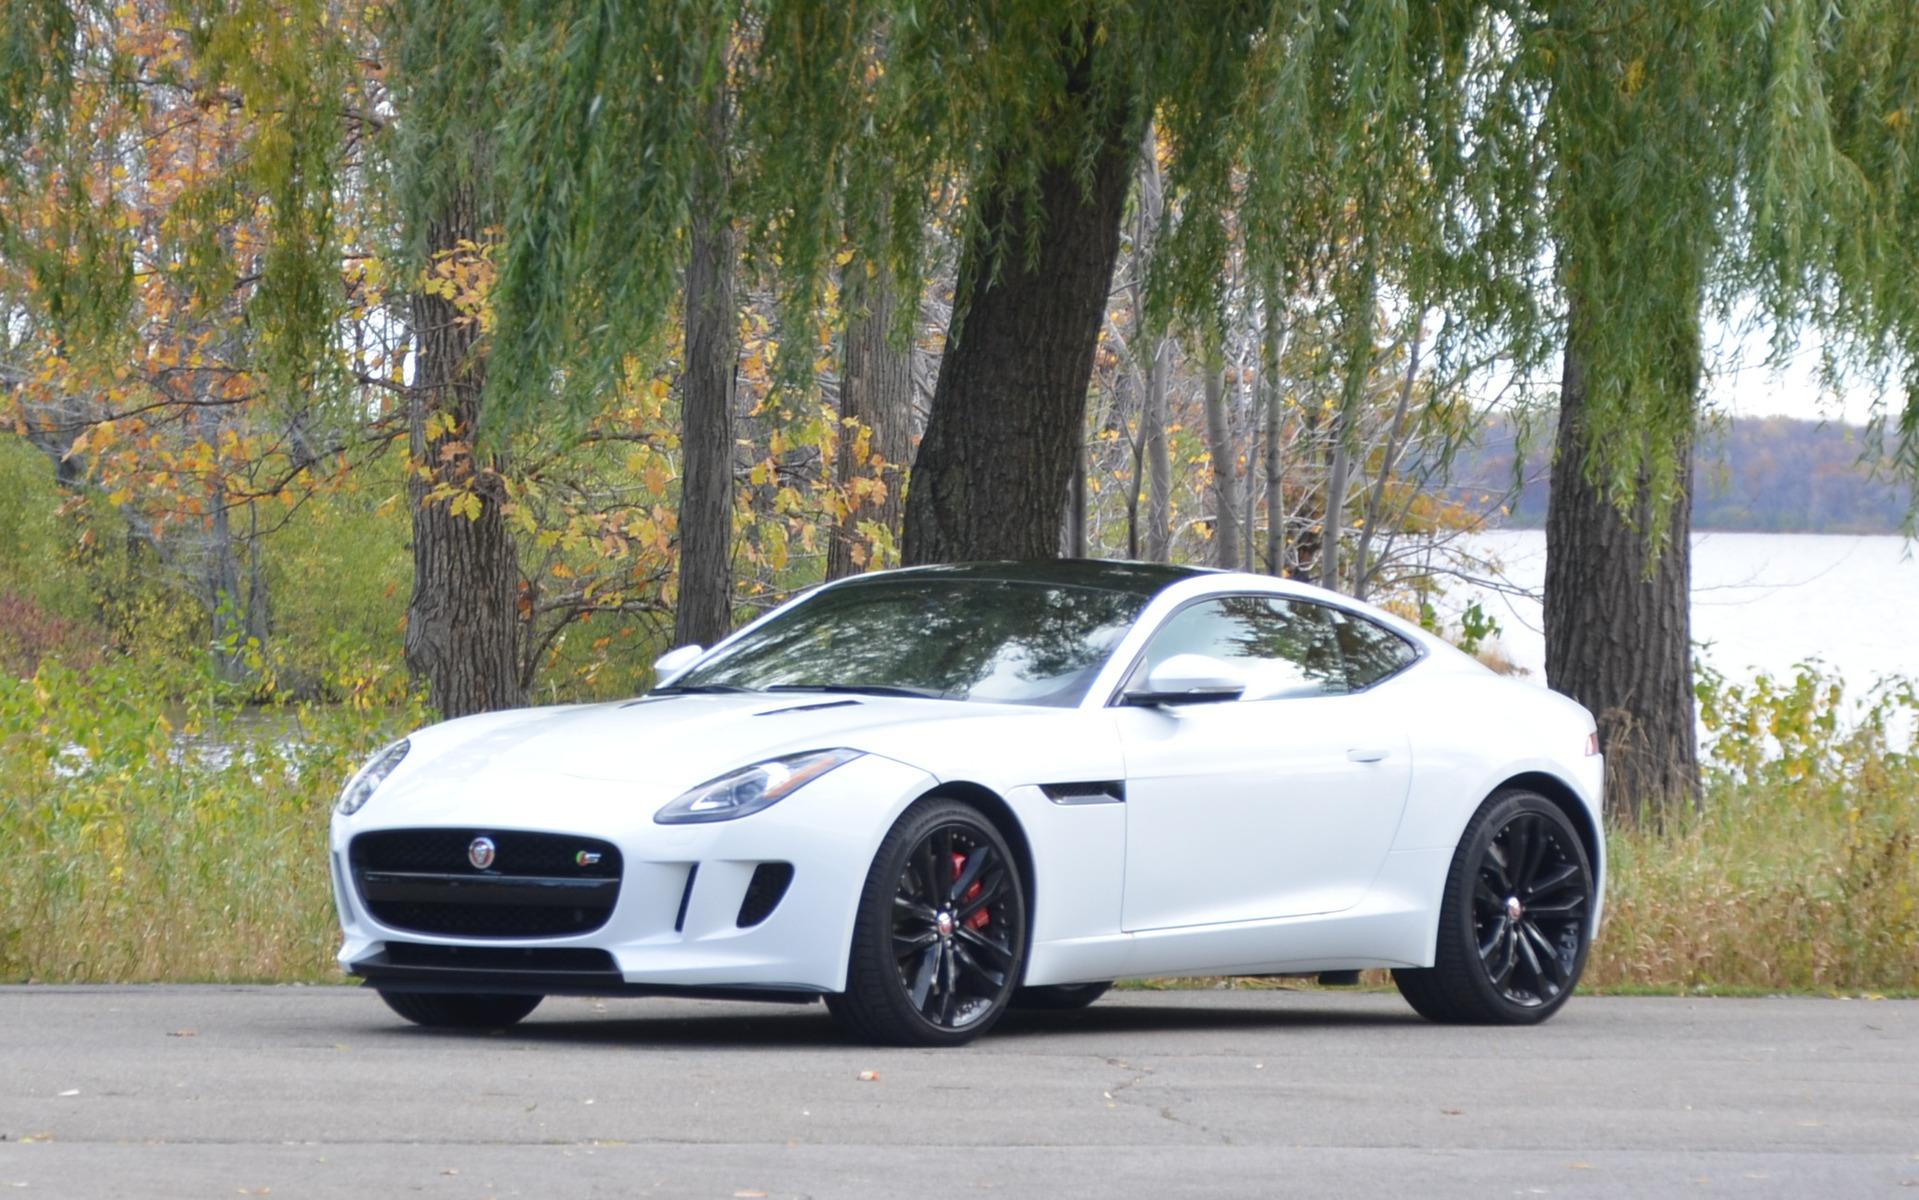 Jaguar F-Type Coupe. Manque juste un chou sur le toit.